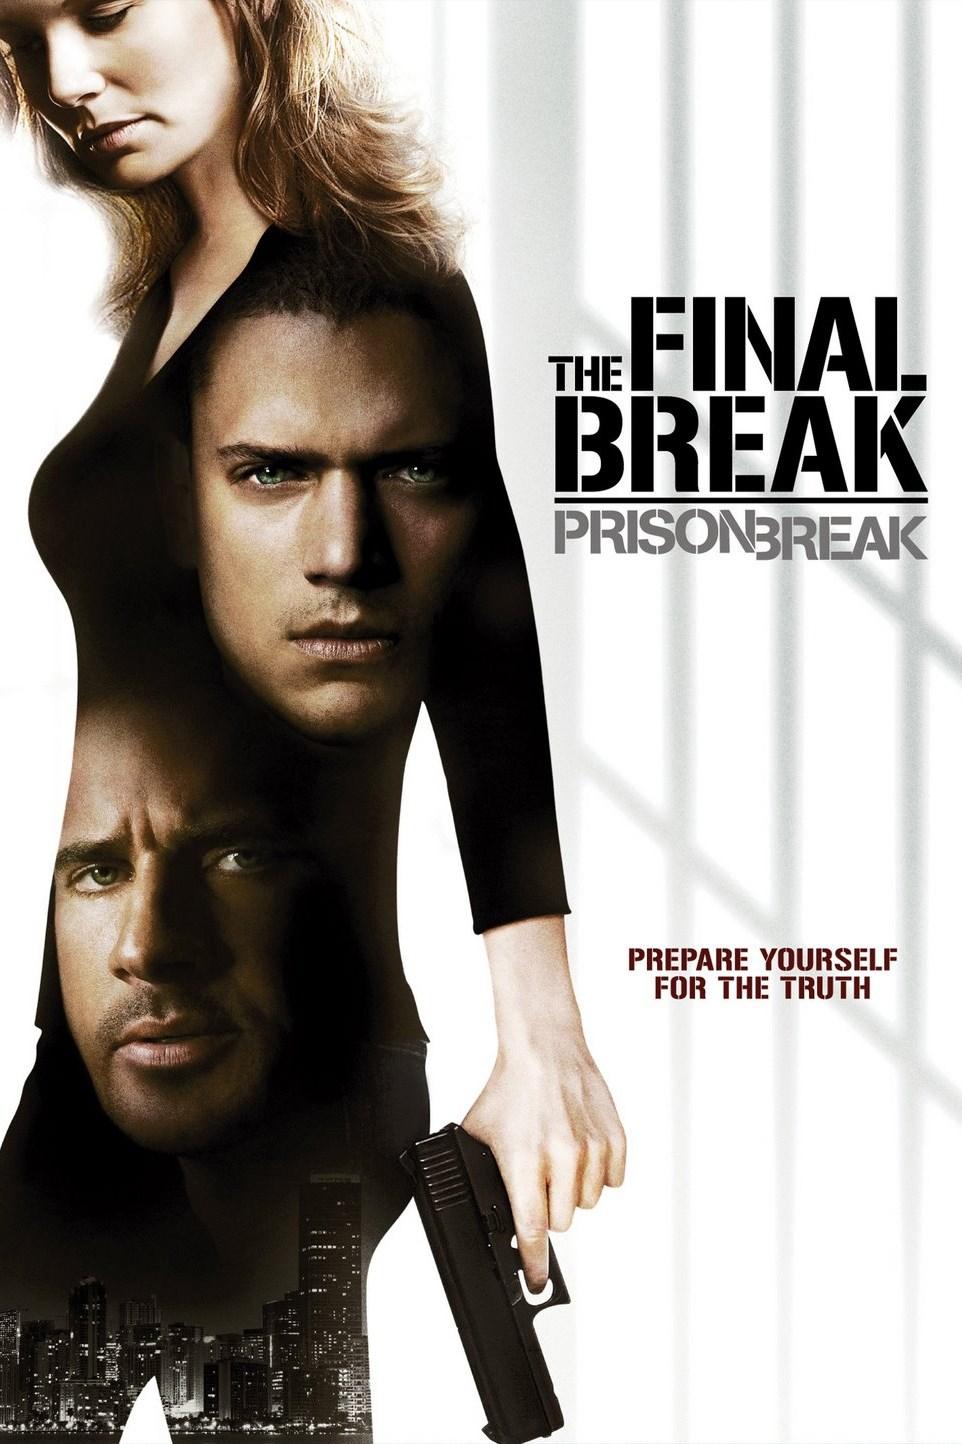 Скачать бесплатно mp3 prison break